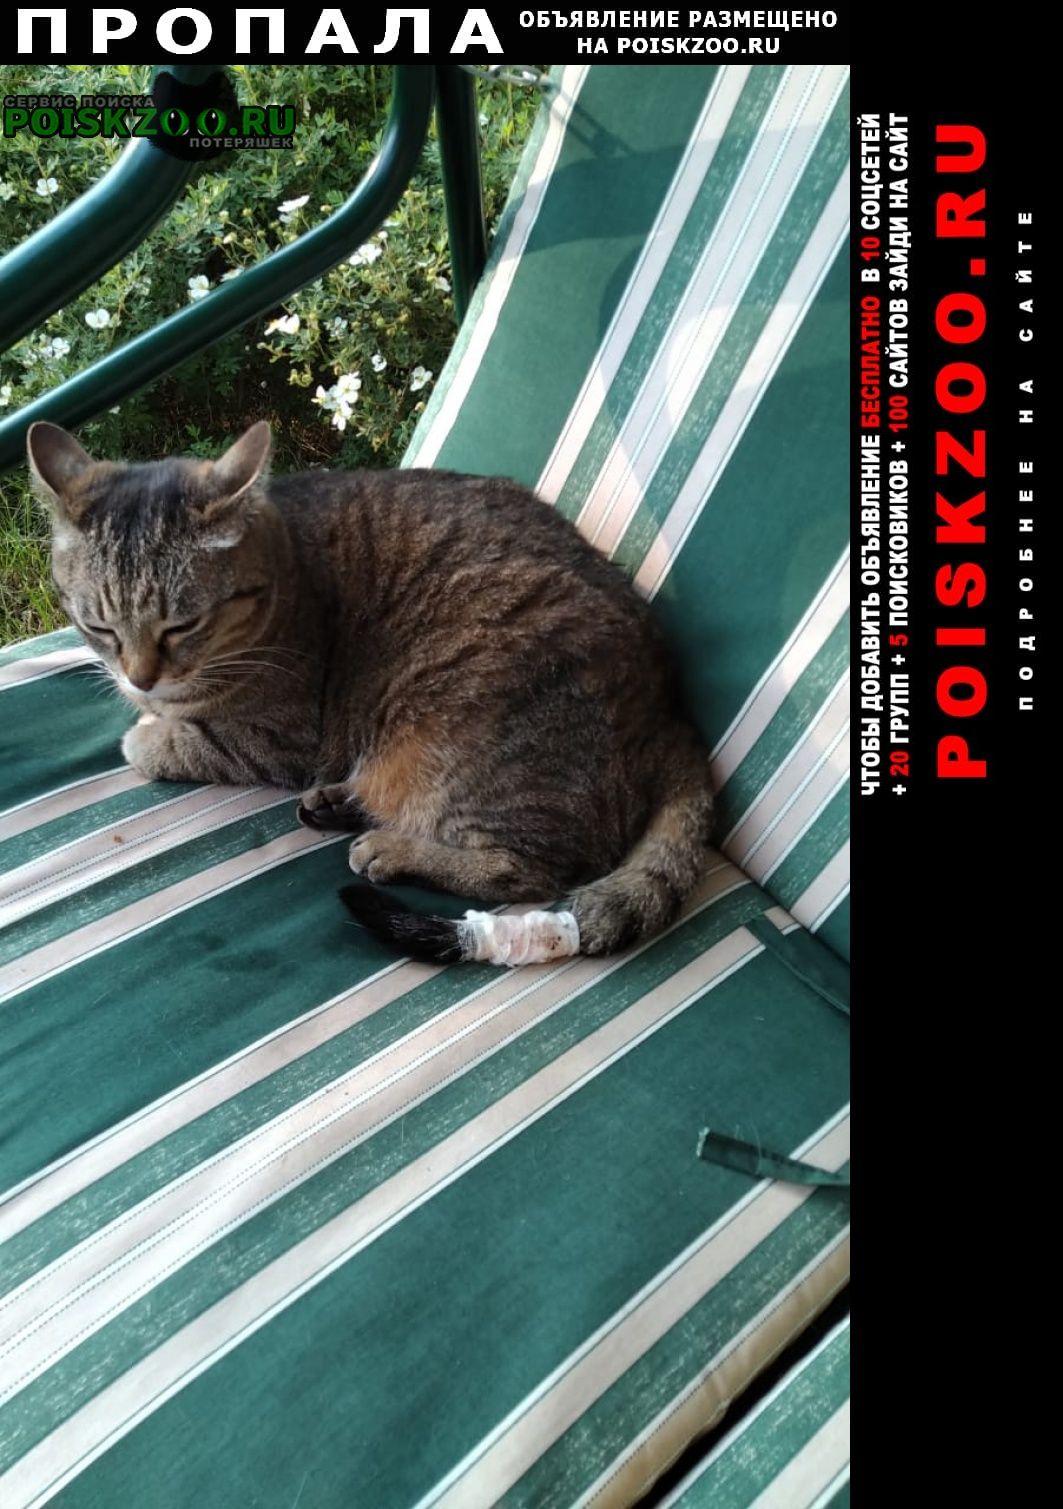 Пропала кошка вознаграждение гарантировано Малаховка